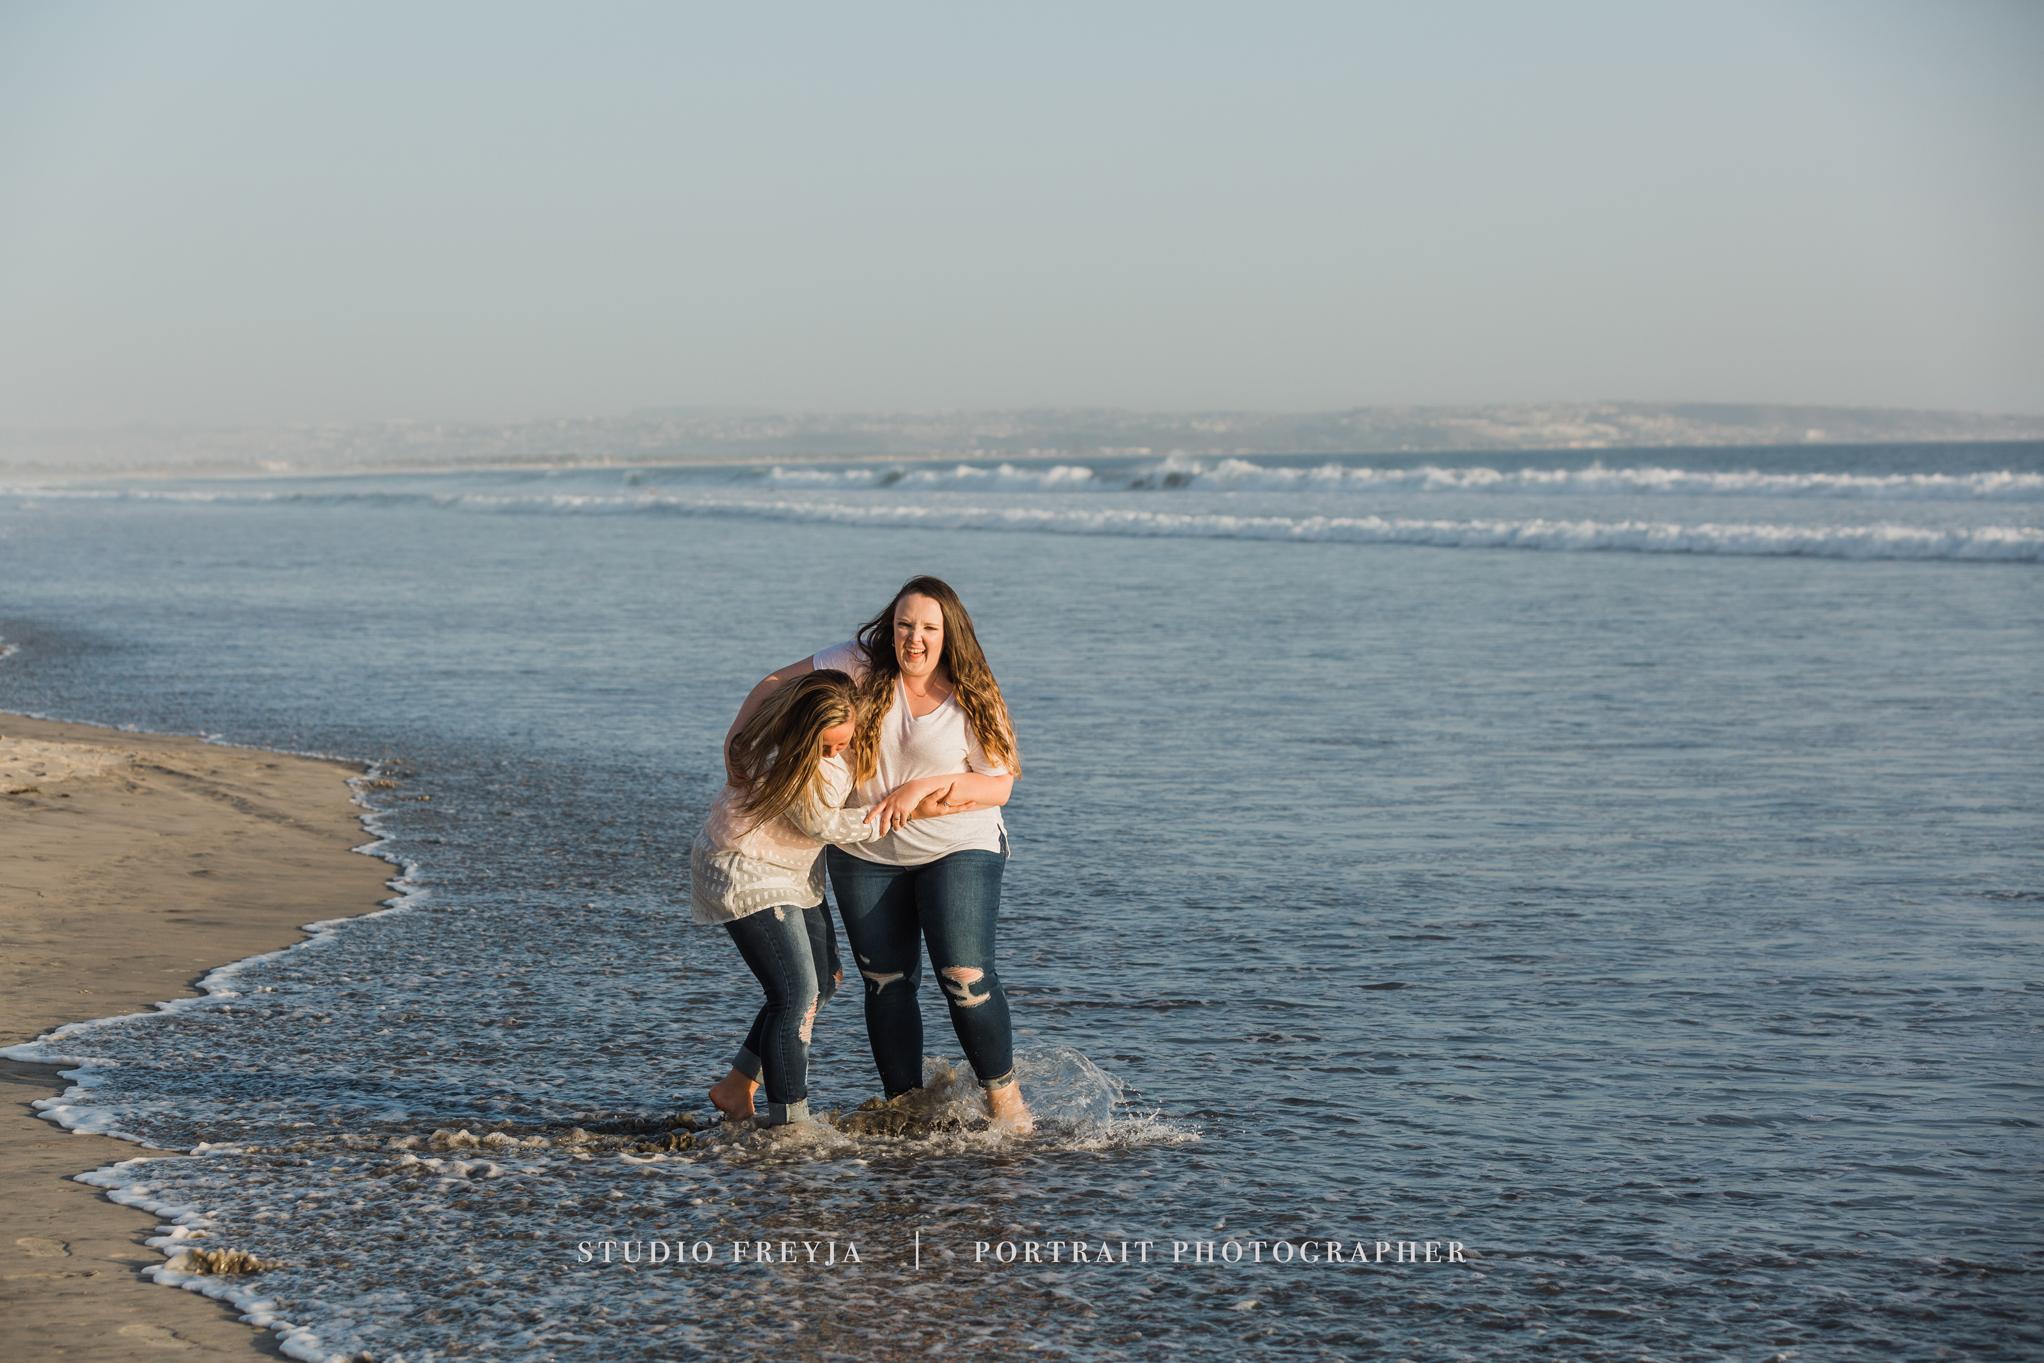 Hotel Del Coronado Beach Family Photography